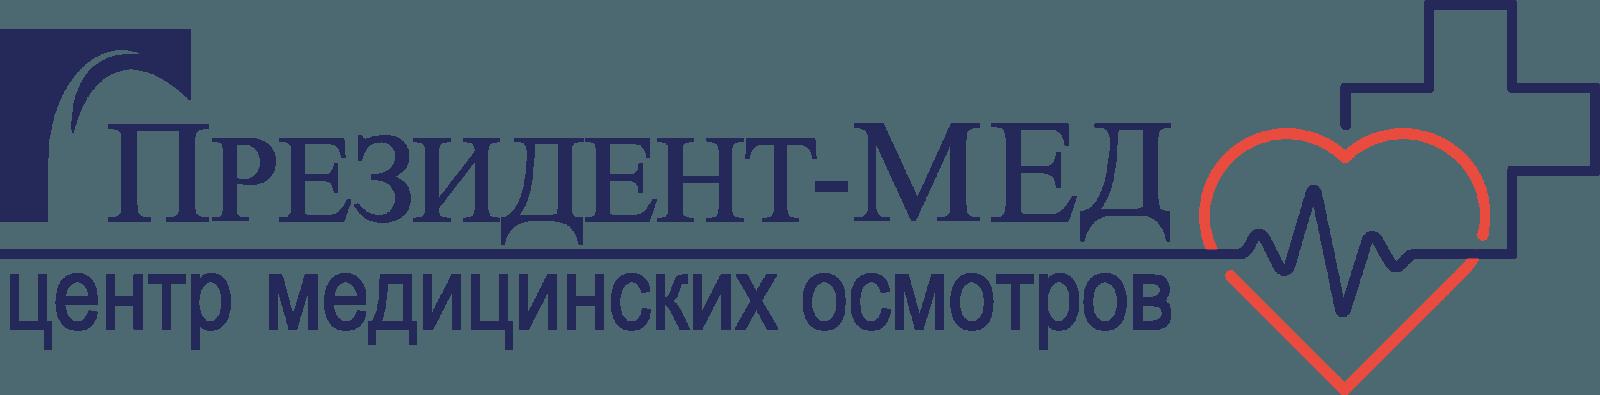 Центр медицинских осмотров «Президент-Мед» | Профосмотры для организаций и частных лиц в Москве